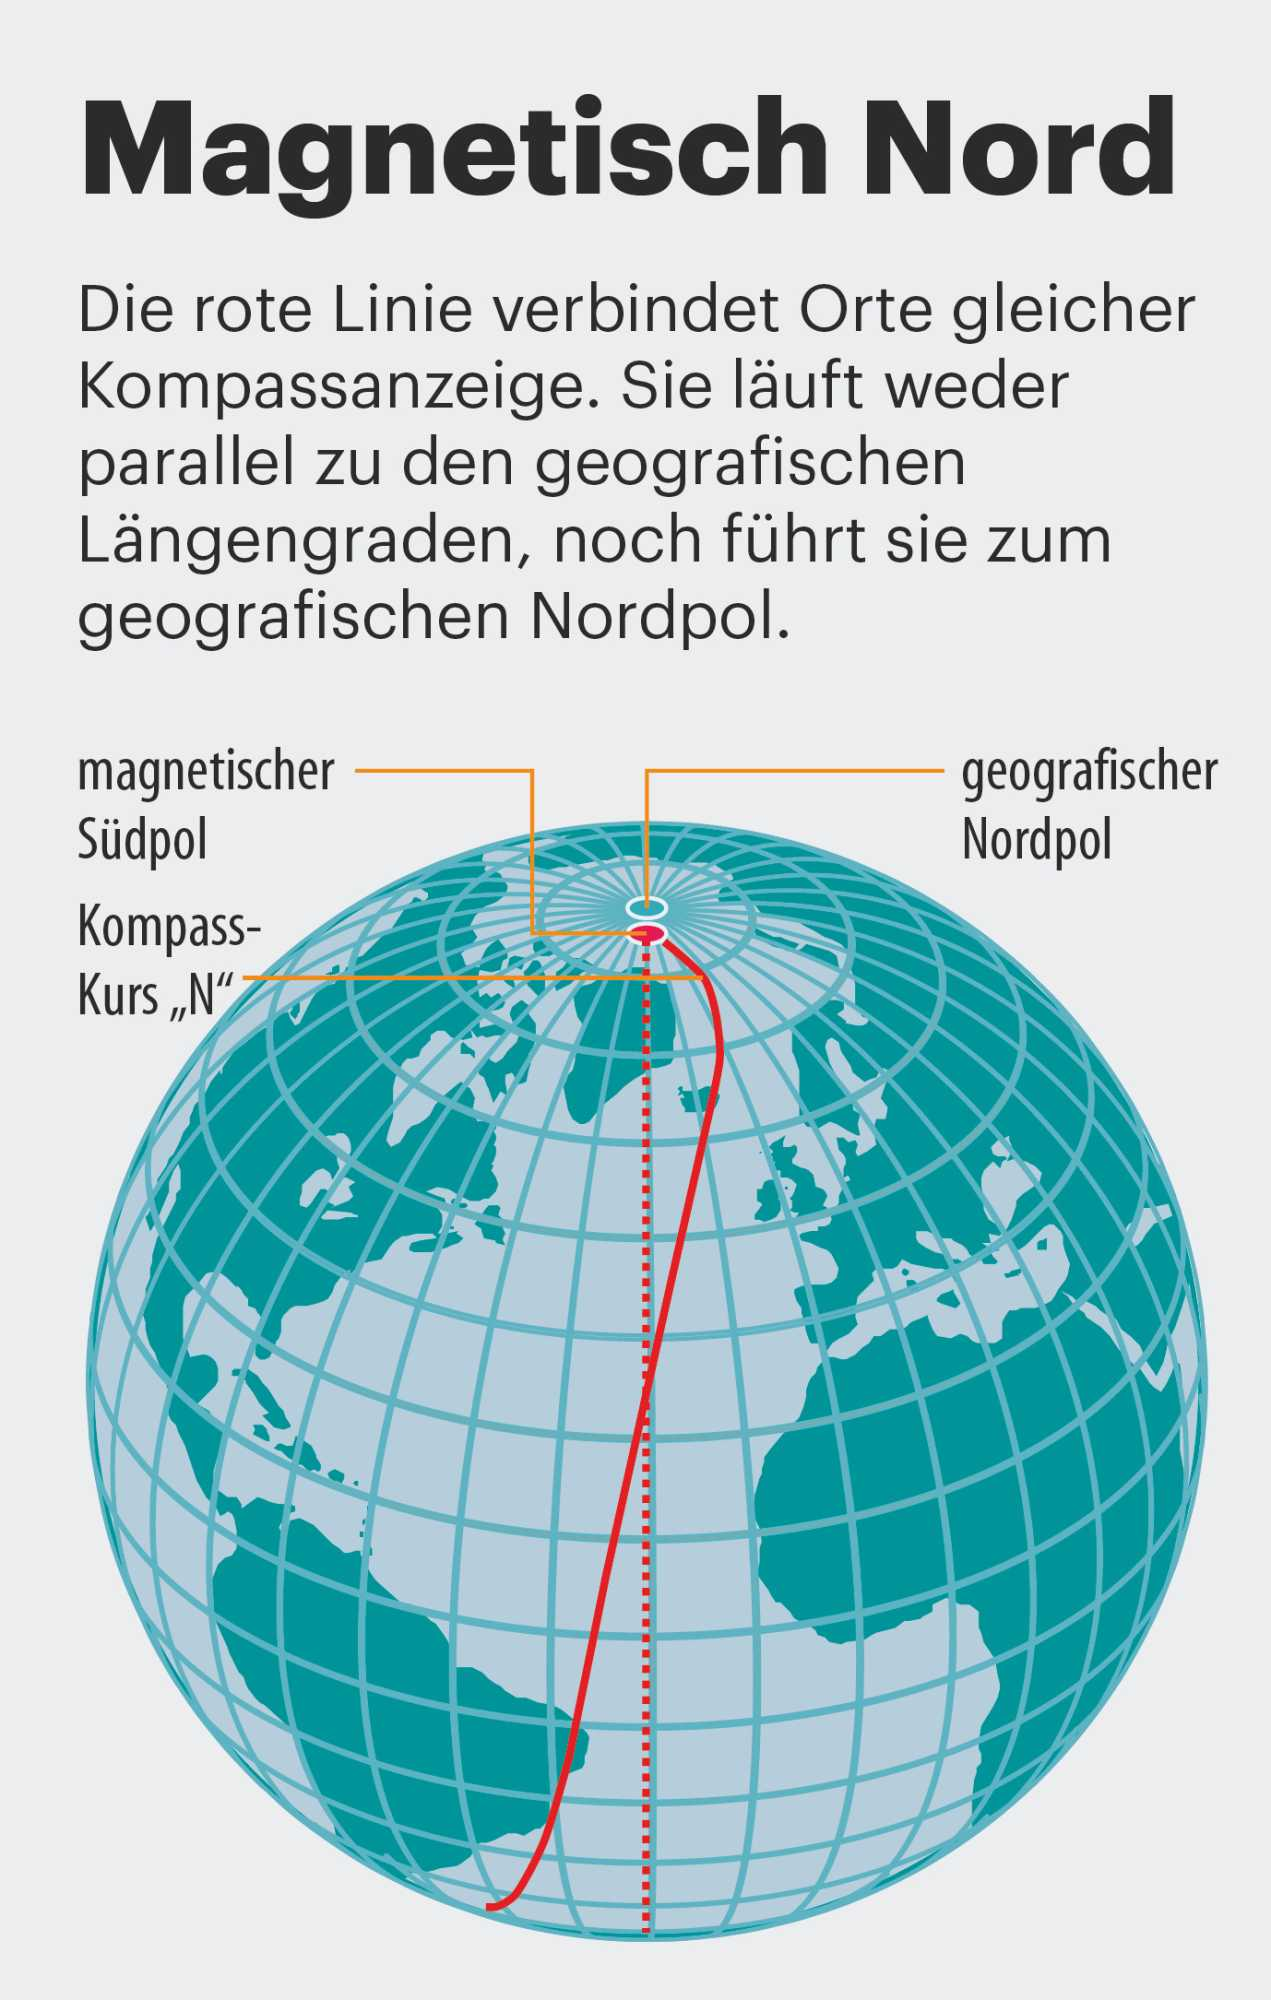 Magnetisch Nord